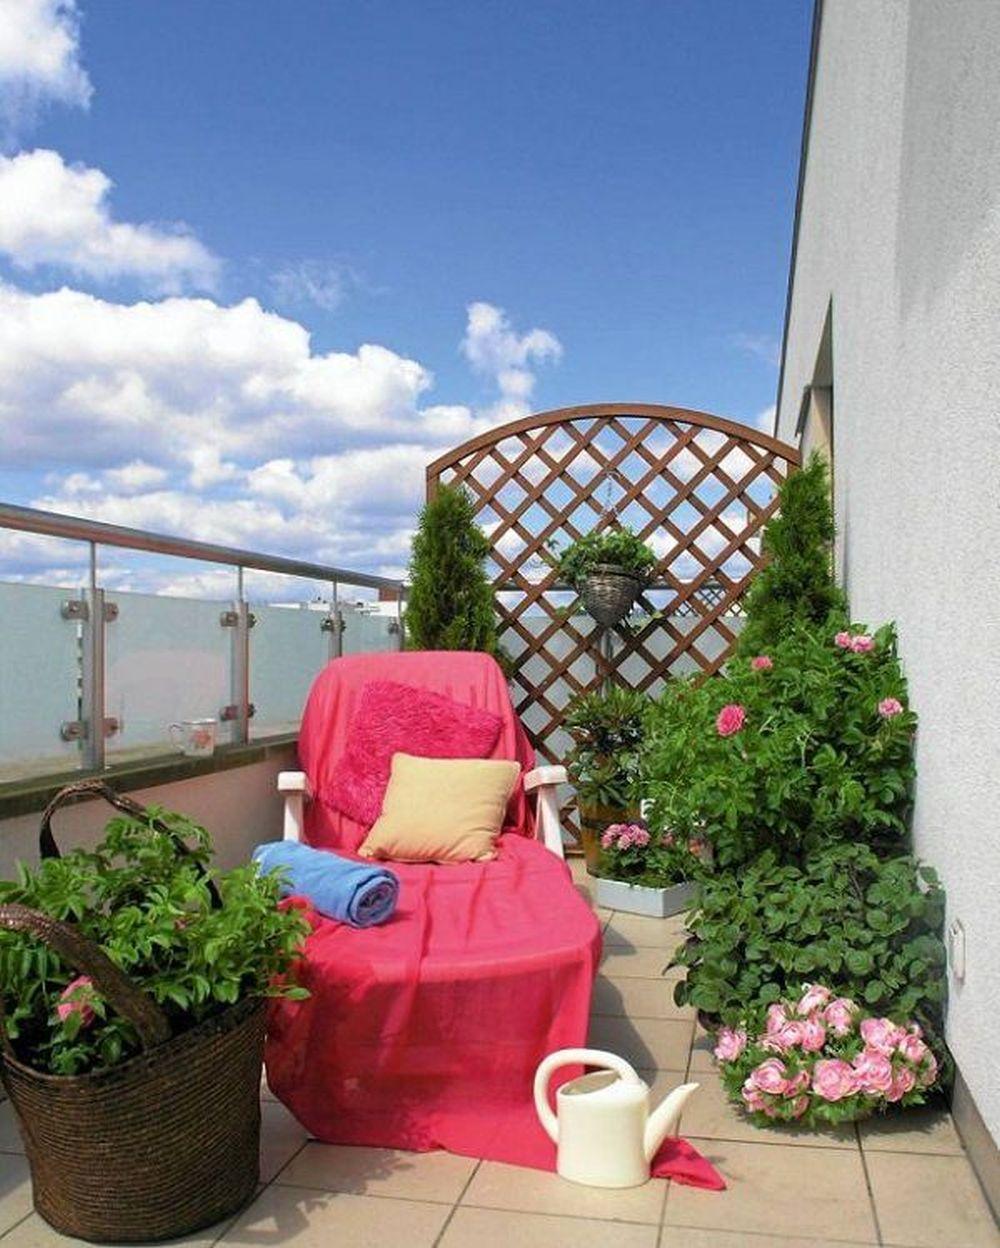 adelaparvu.com despre paravane pe balcon, solutii pentru intimitate (5)